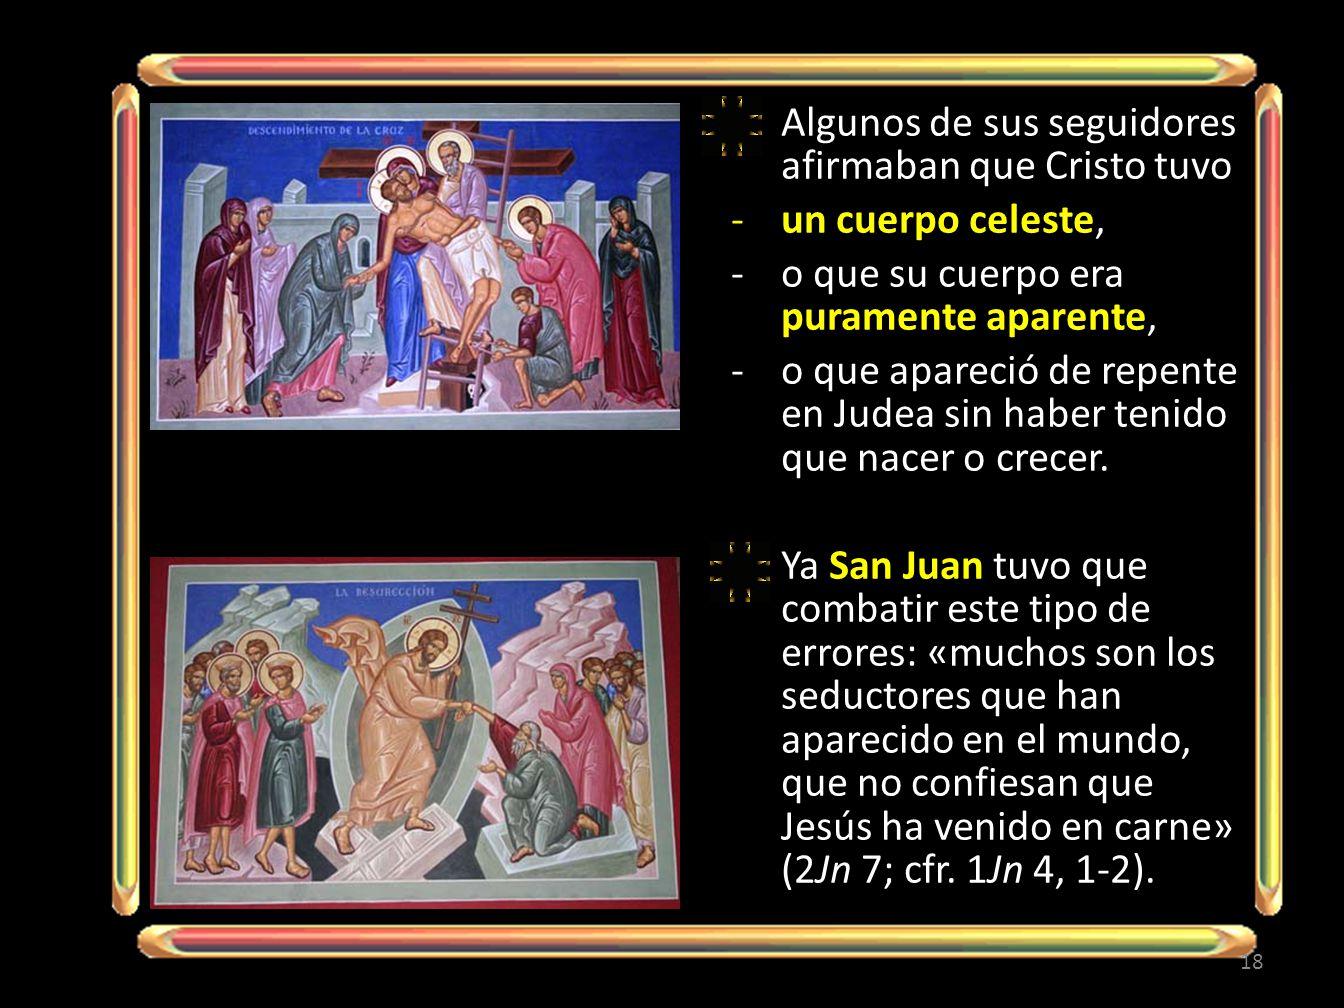 Algunos de sus seguidores afirmaban que Cristo tuvo -un cuerpo celeste, -o que su cuerpo era puramente aparente, -o que apareció de repente en Judea sin haber tenido que nacer o crecer.